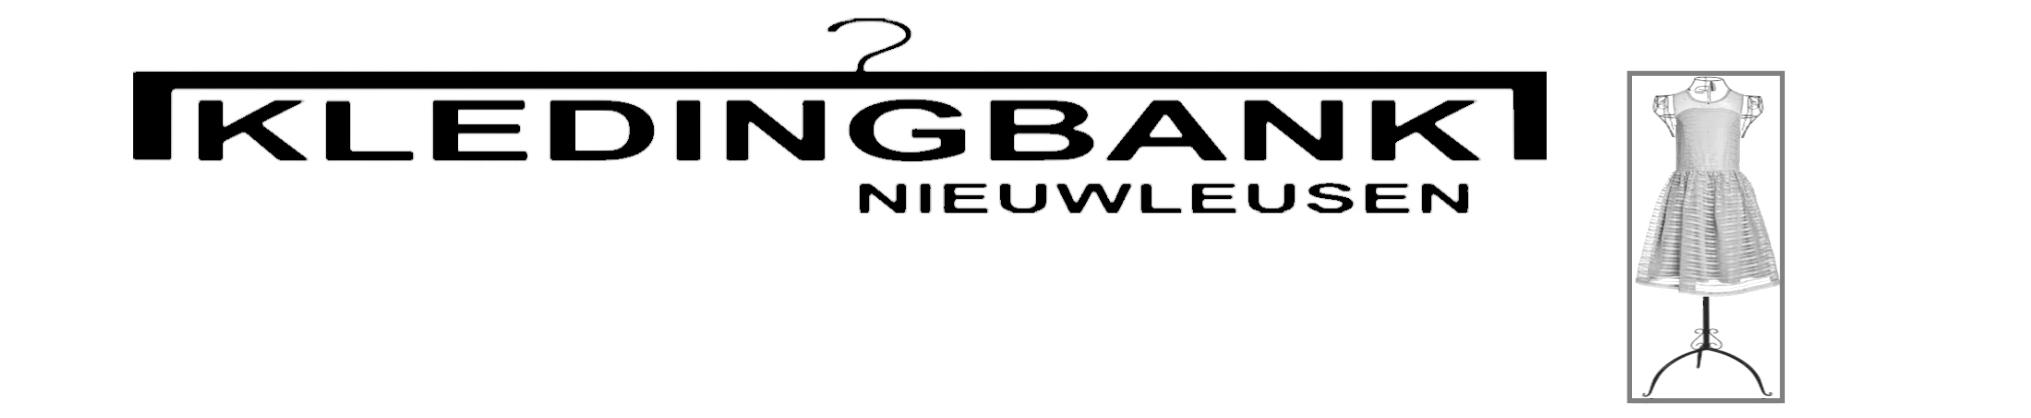 Kledingbank Nieuwleusen